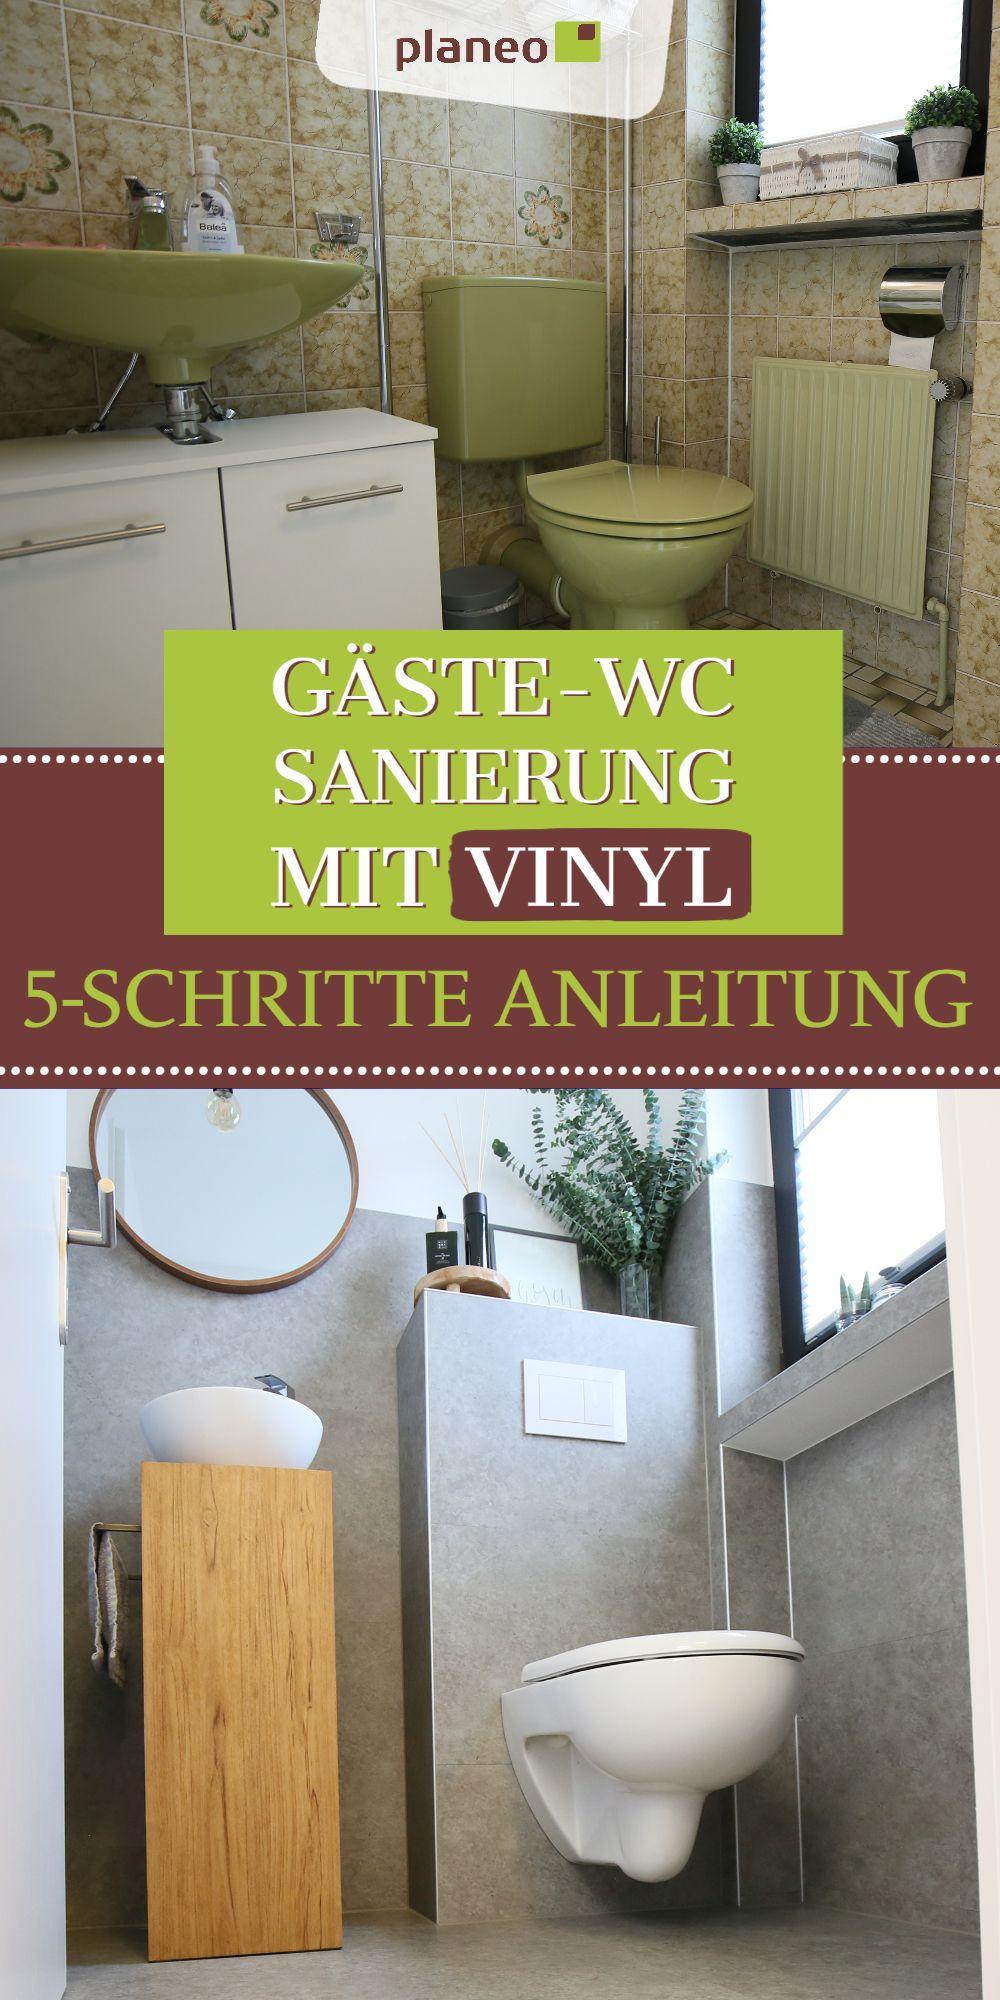 Badezimmer Fliesen Mit Vinyl Bekleben